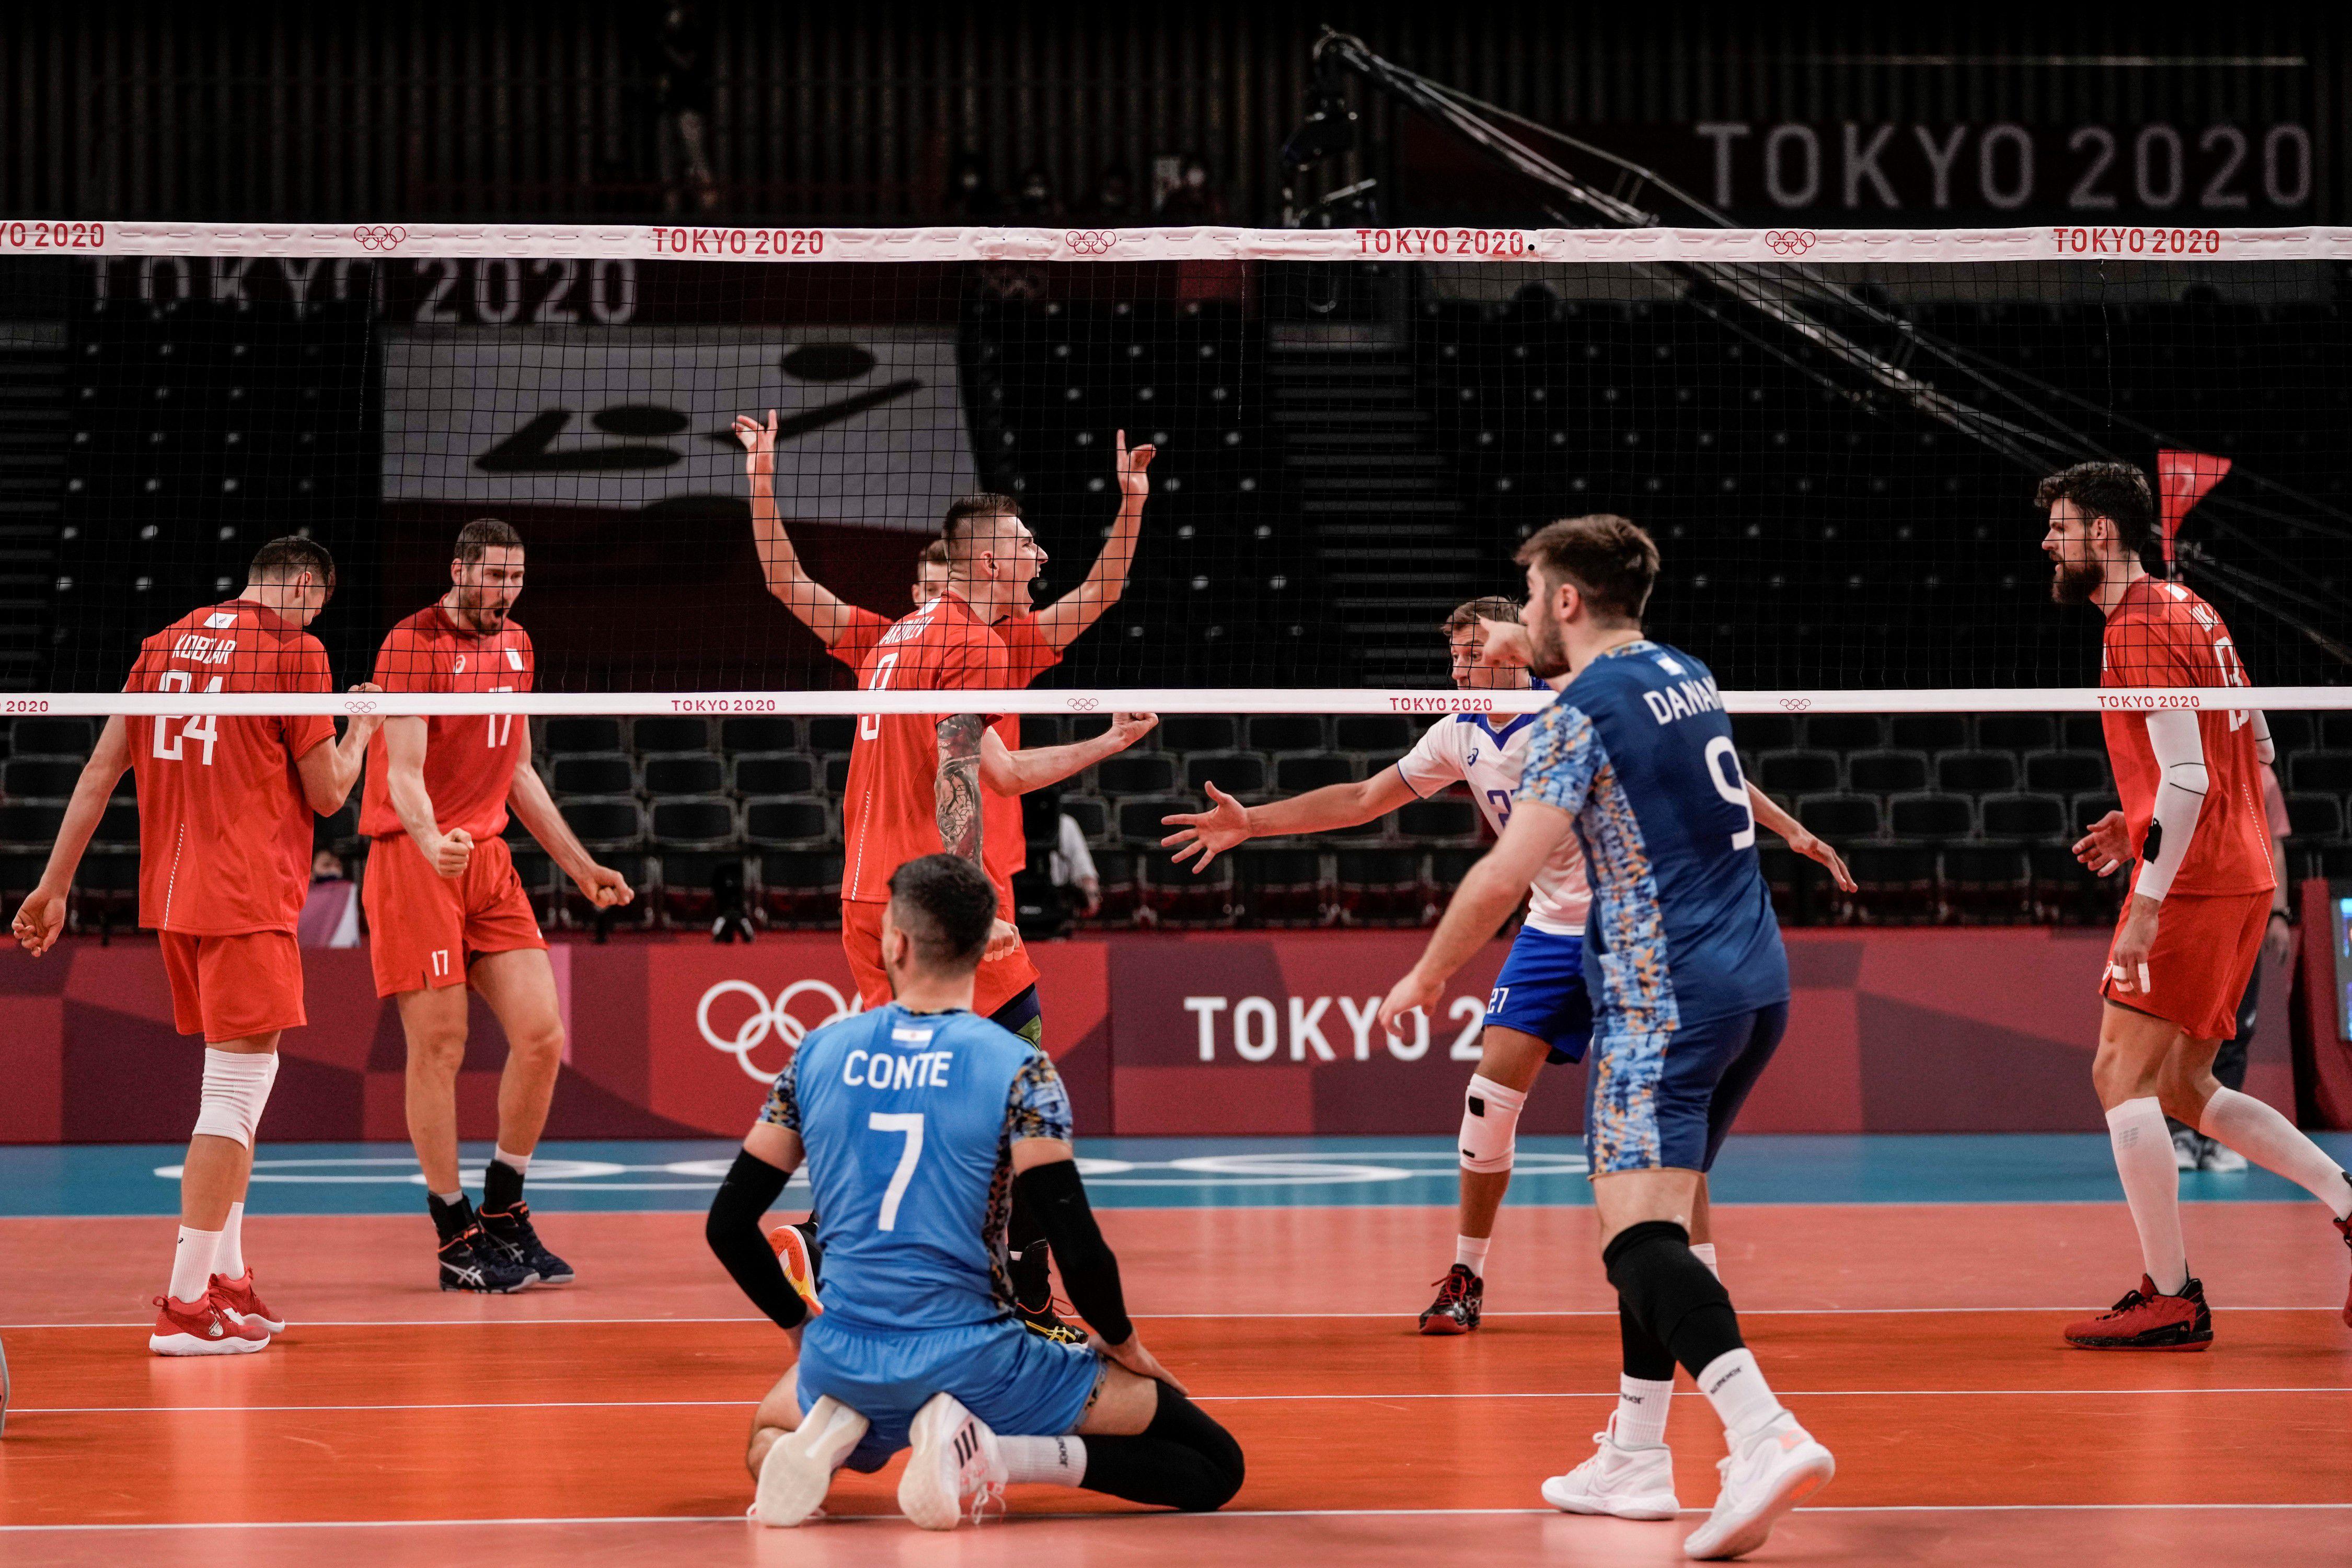 Argentina no pudo con la potencia de Rusia y cayó 3-1 en el debut en el torneo de vóley masculino de Tokio 2020. (Foto: AP)